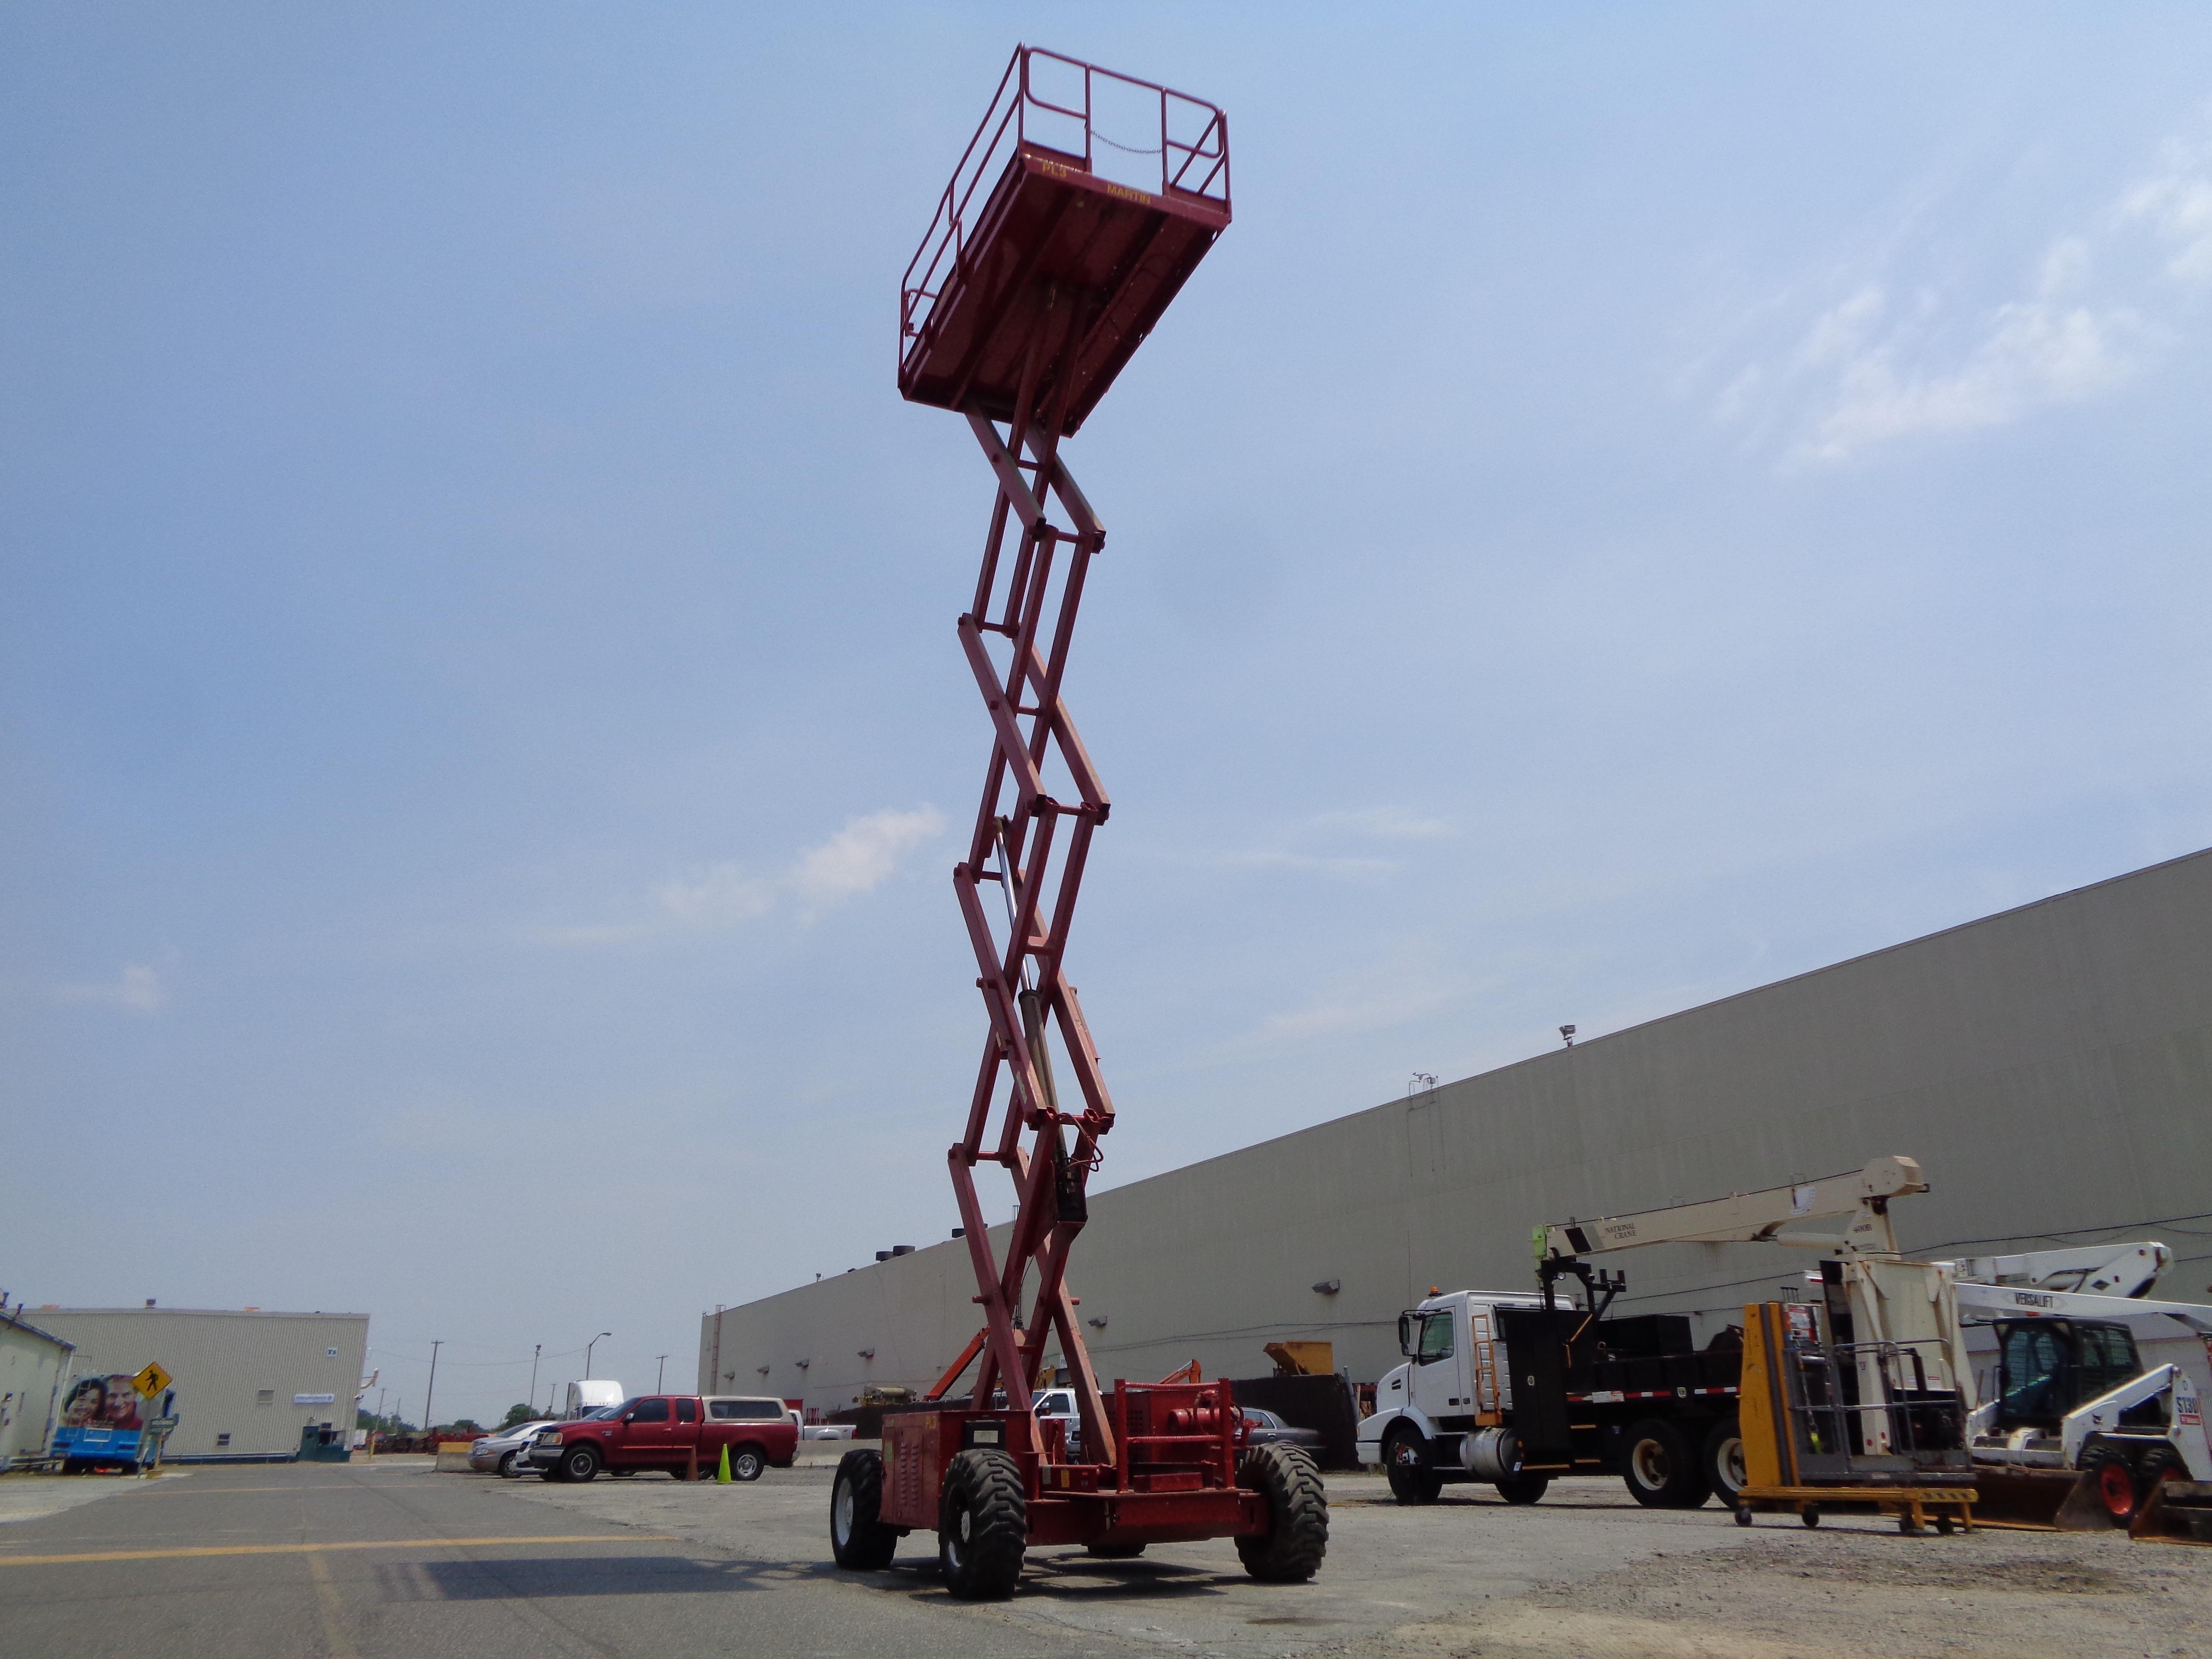 Lot 50A - JLG 33RTS Rough Terrain 4x4 Scissor Lift